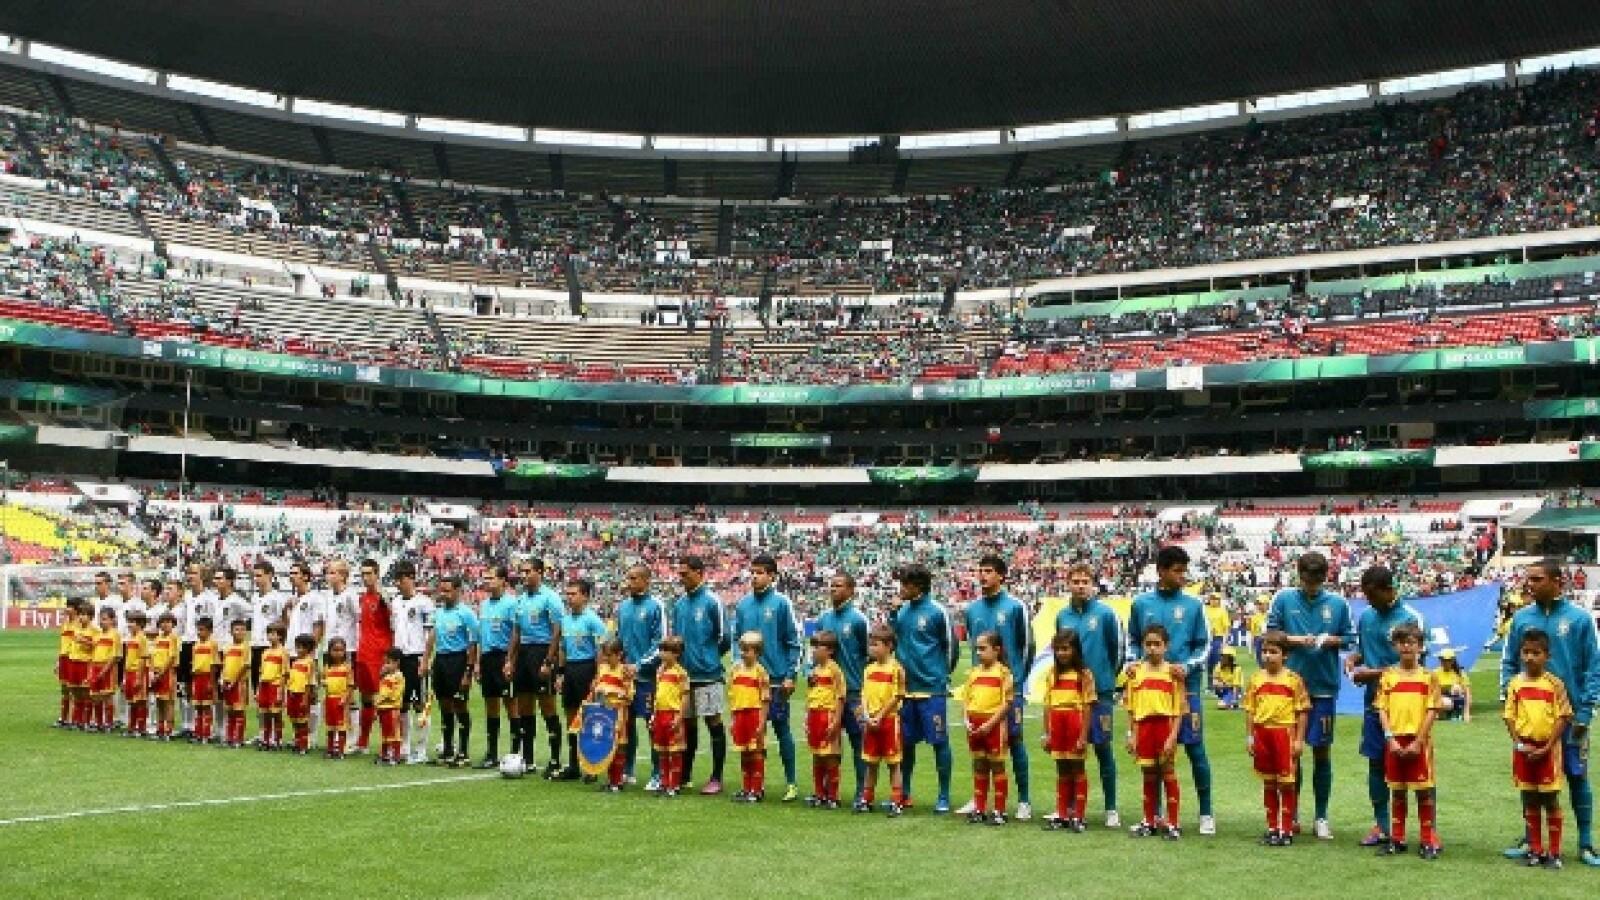 Todo listo para disputar la final del mundial Sub 17